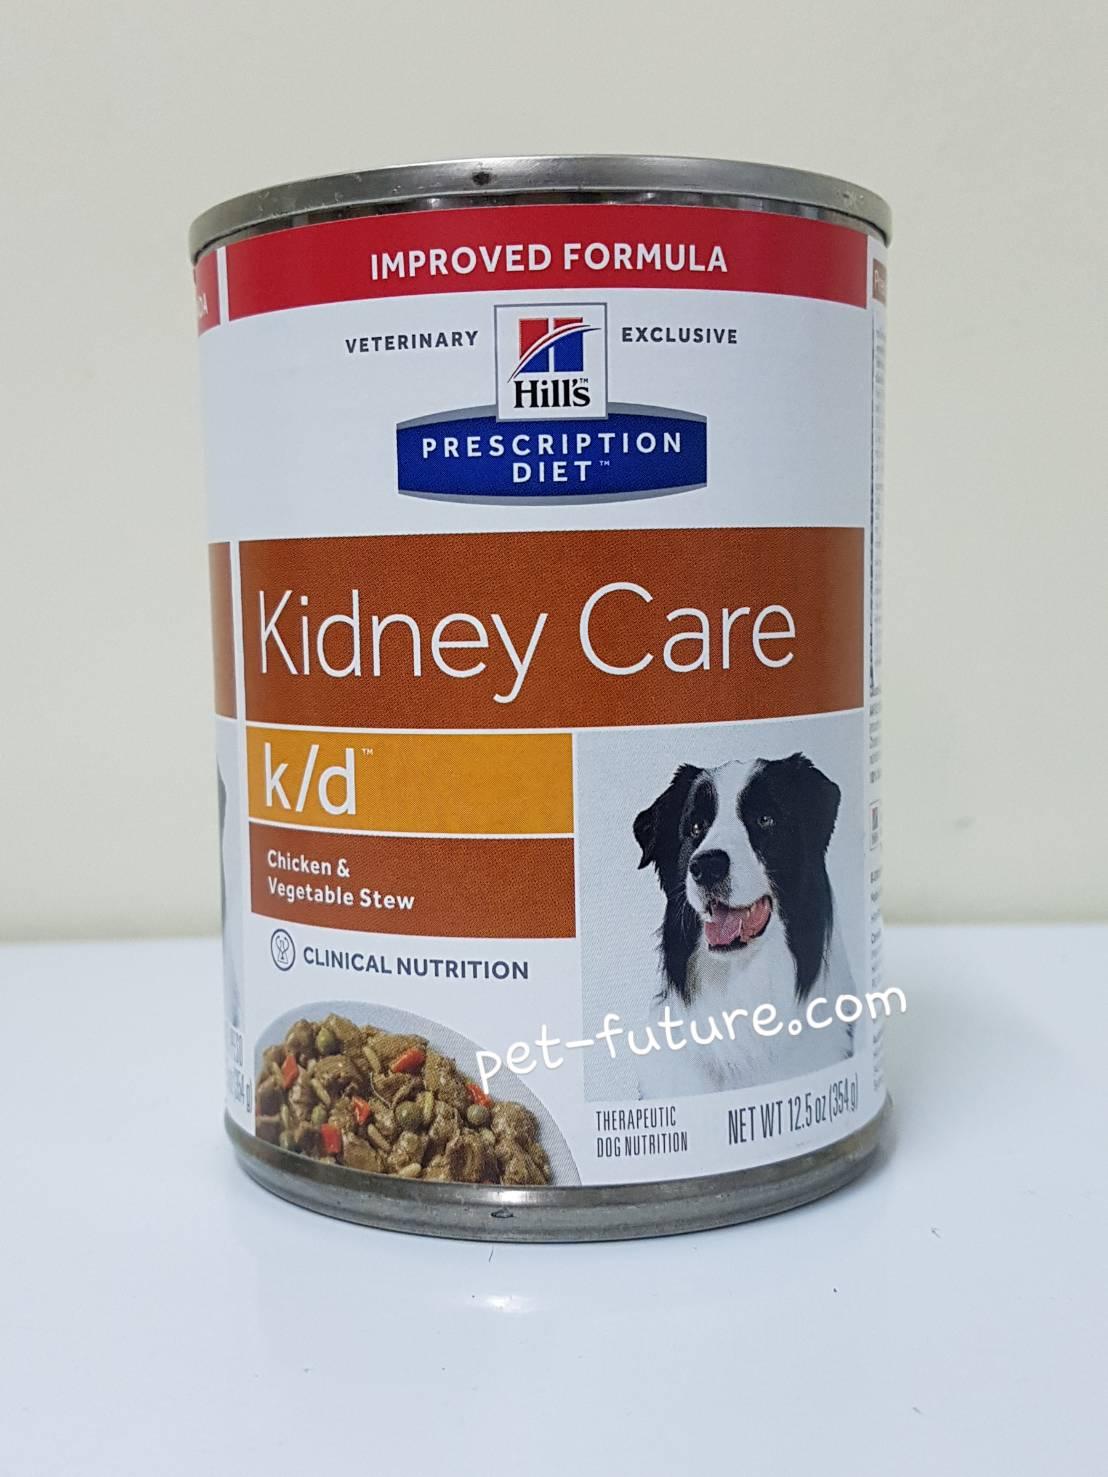 k/d สำหรับสุนัขที่มีปัญหาโรคไต แบบสตรู รุ่นใหม่นะคะ มีผักผสมค่ะ _Exp.03/20 (ยกโหลจ้า )